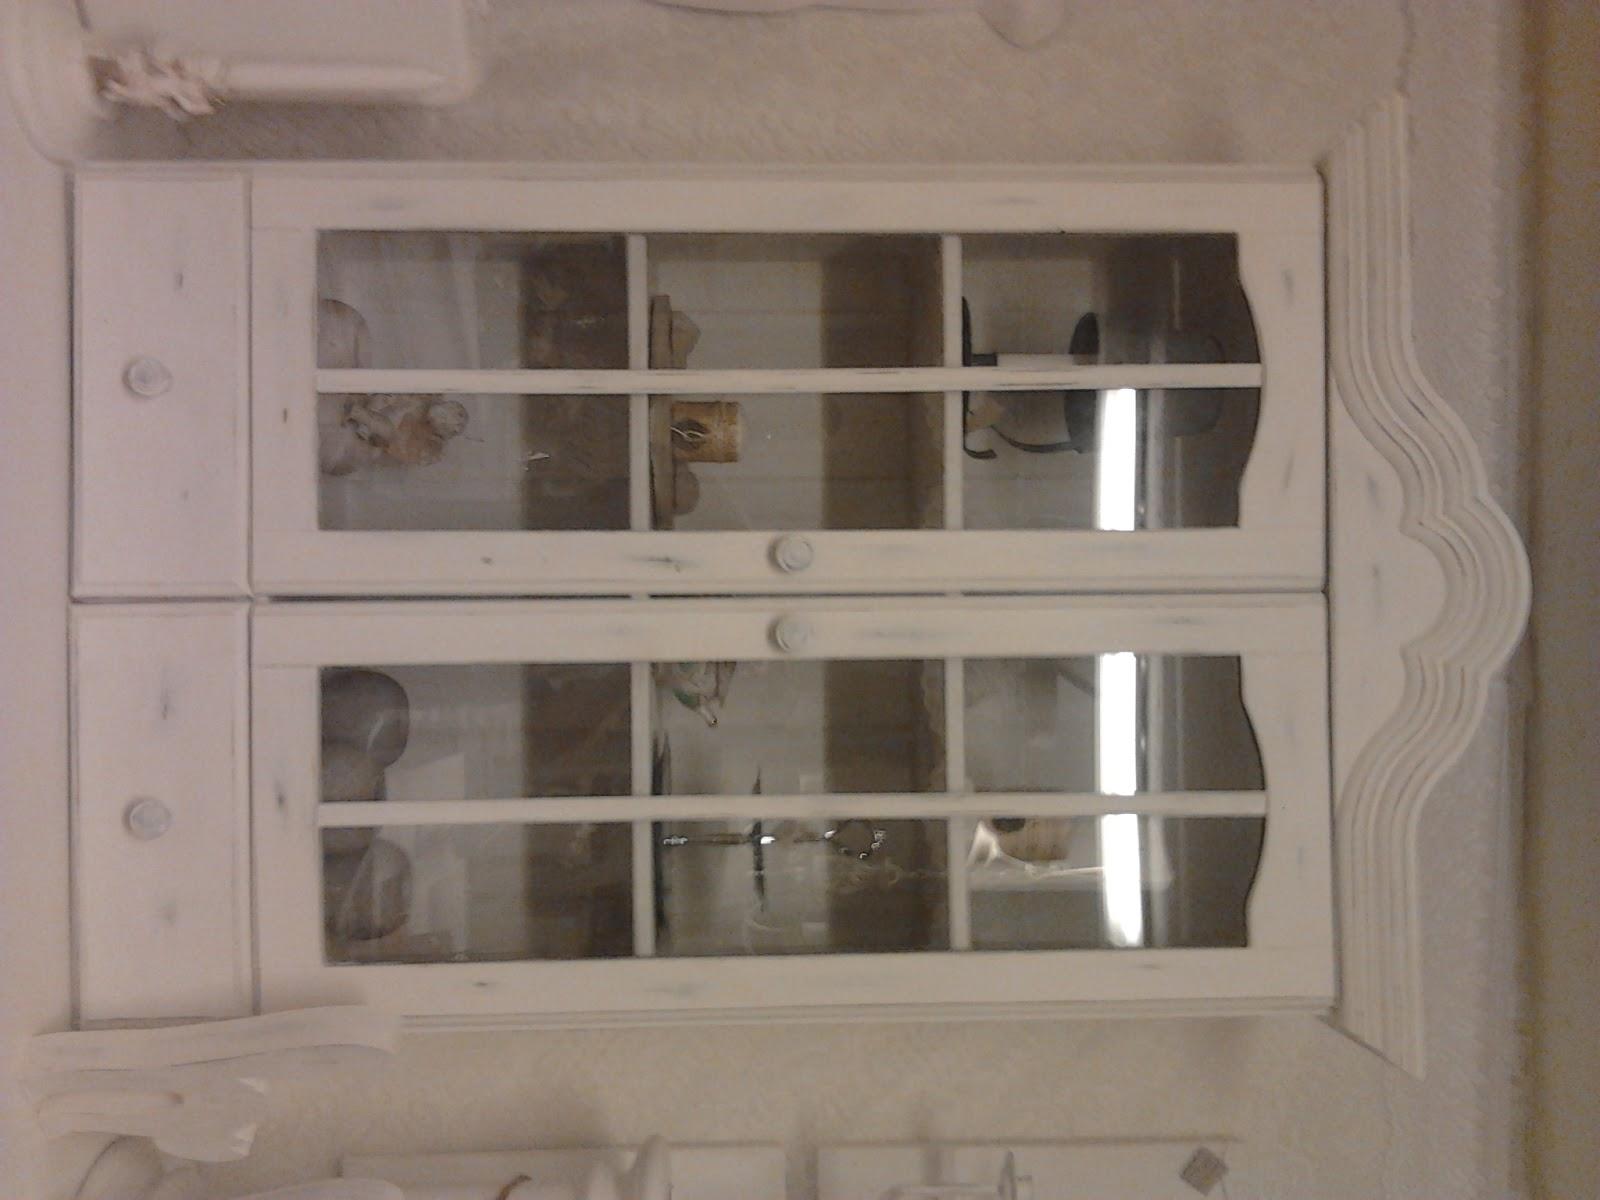 väggskåp kök mått : Väggskåp m fint krön och charmigt slitet ...